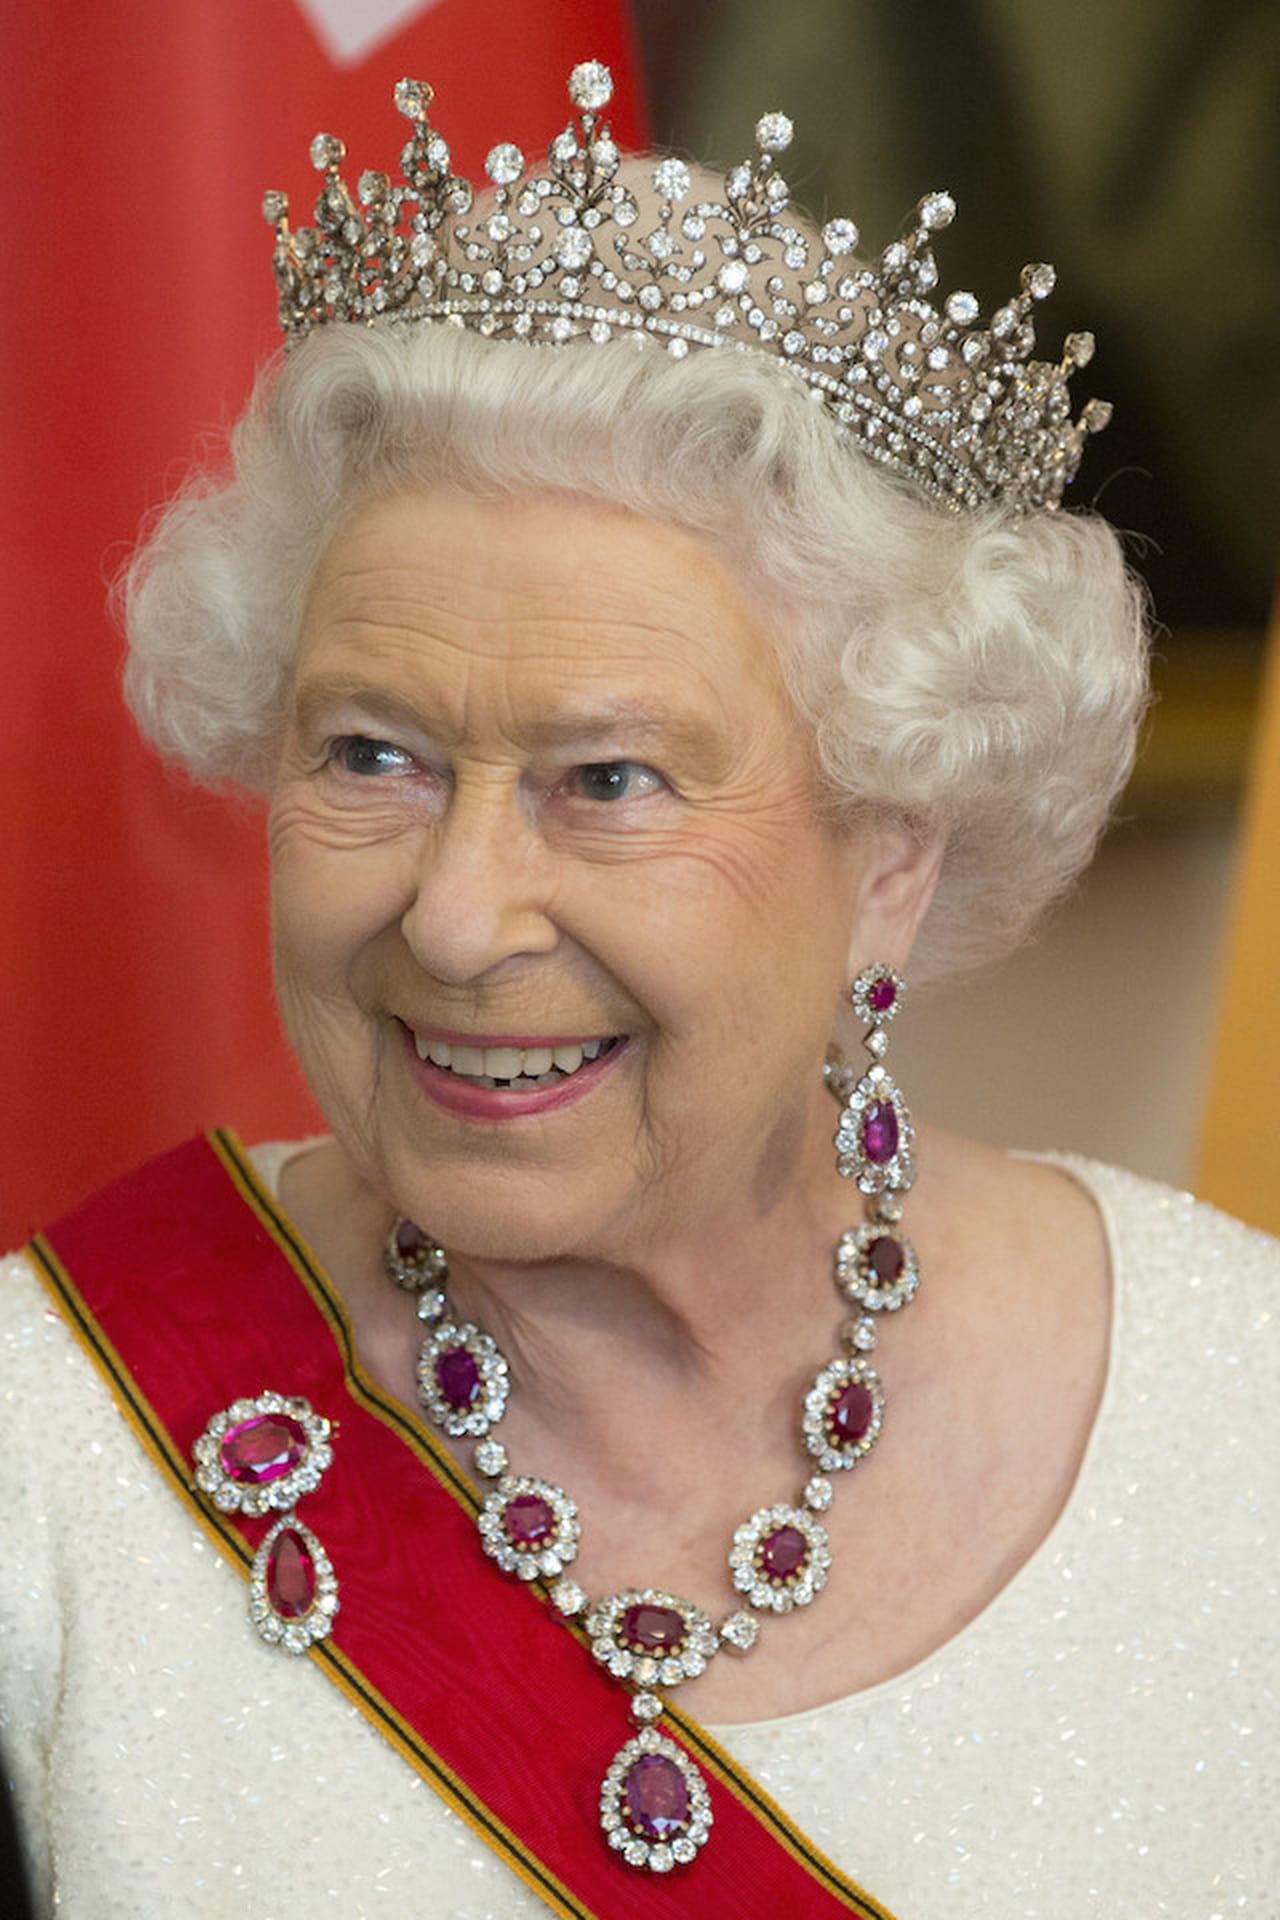 le 39 cattiverie sulla regina 39 che raccontano il latoForLa Regina Elisabetta 2